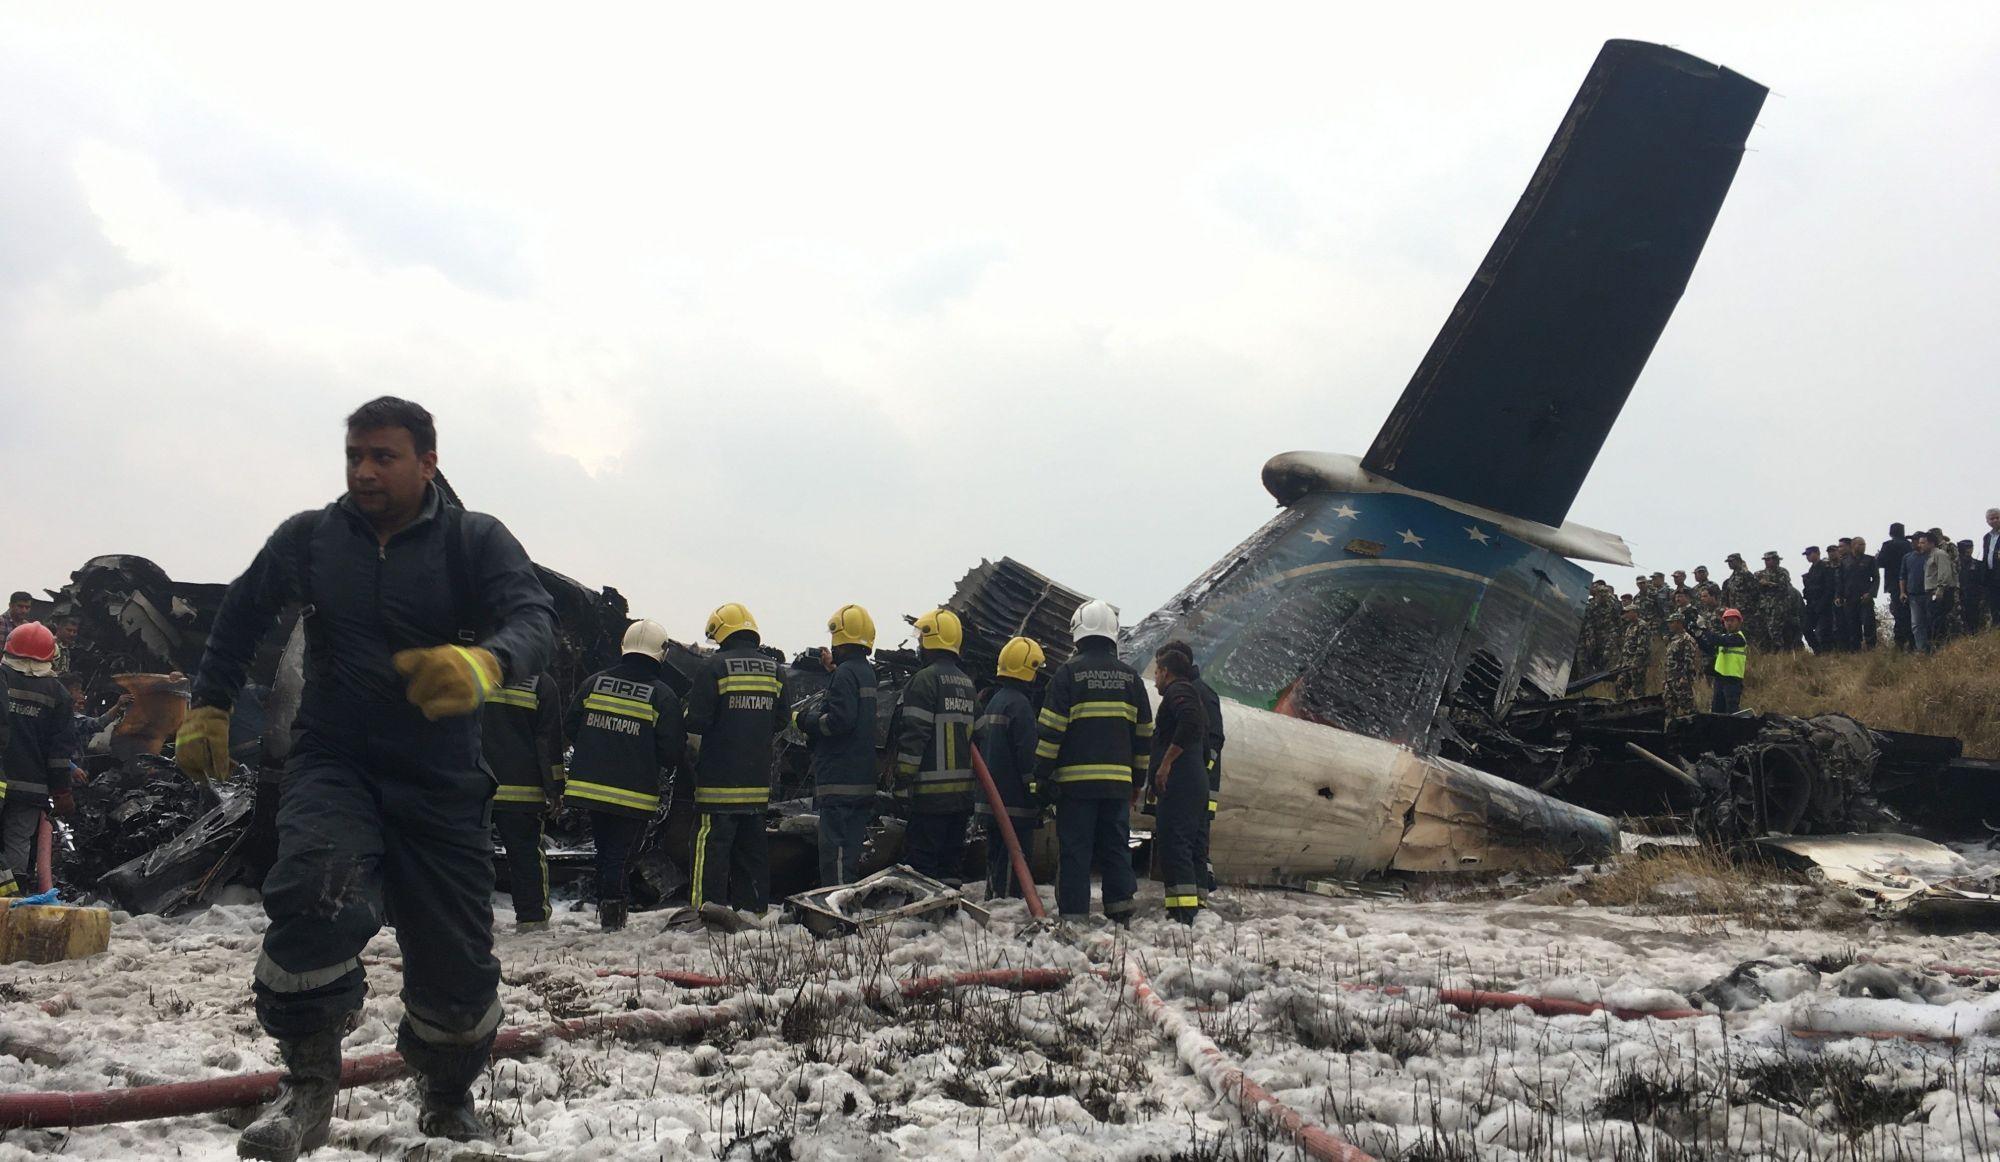 L'écrasement d'un avion fait au moins 50 morts au Népal